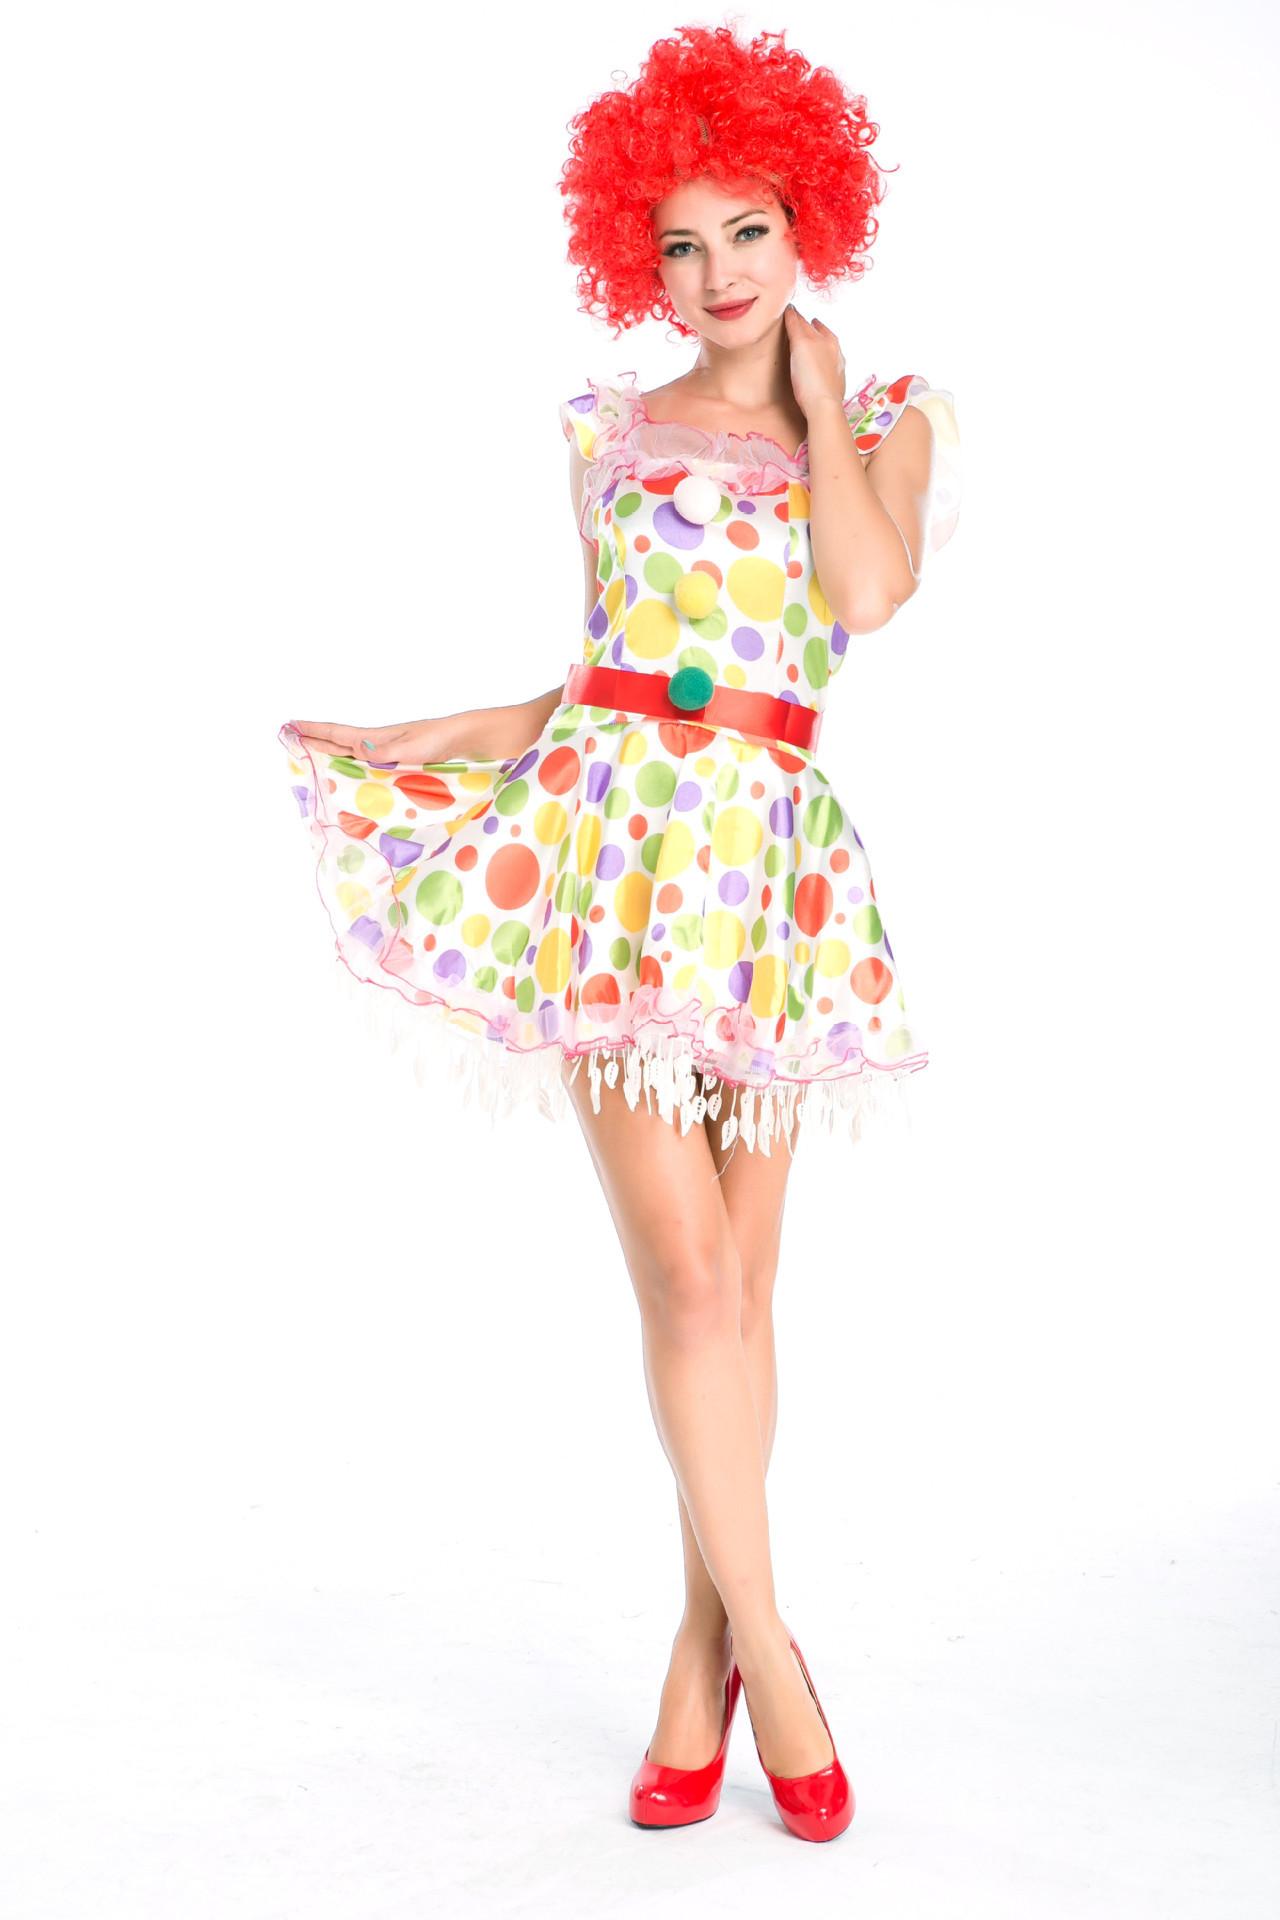 马戏团小丑角色扮演服卡通服配假发迪尼斯cosplay服万圣节服